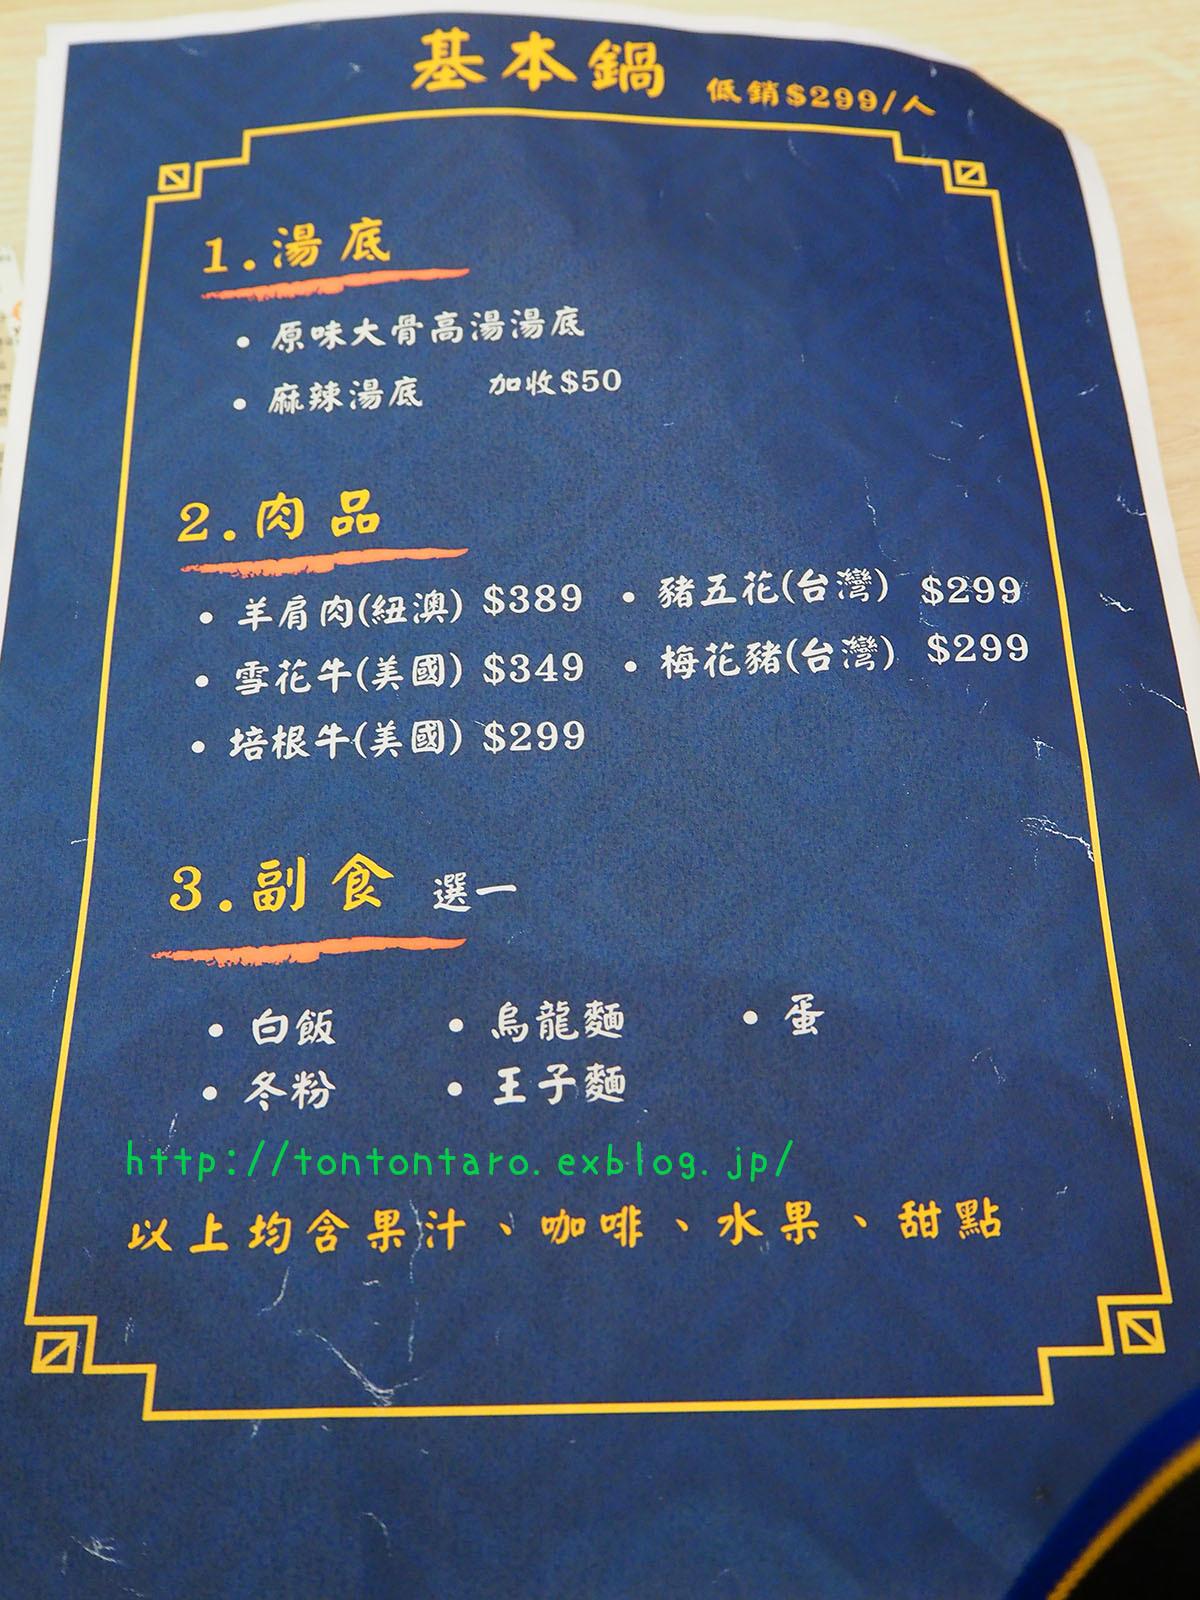 生まれ変わった台北城大飯店の二階「大稻埕風味餐廳 」のお値打ち感は異常_a0112888_04034179.jpg